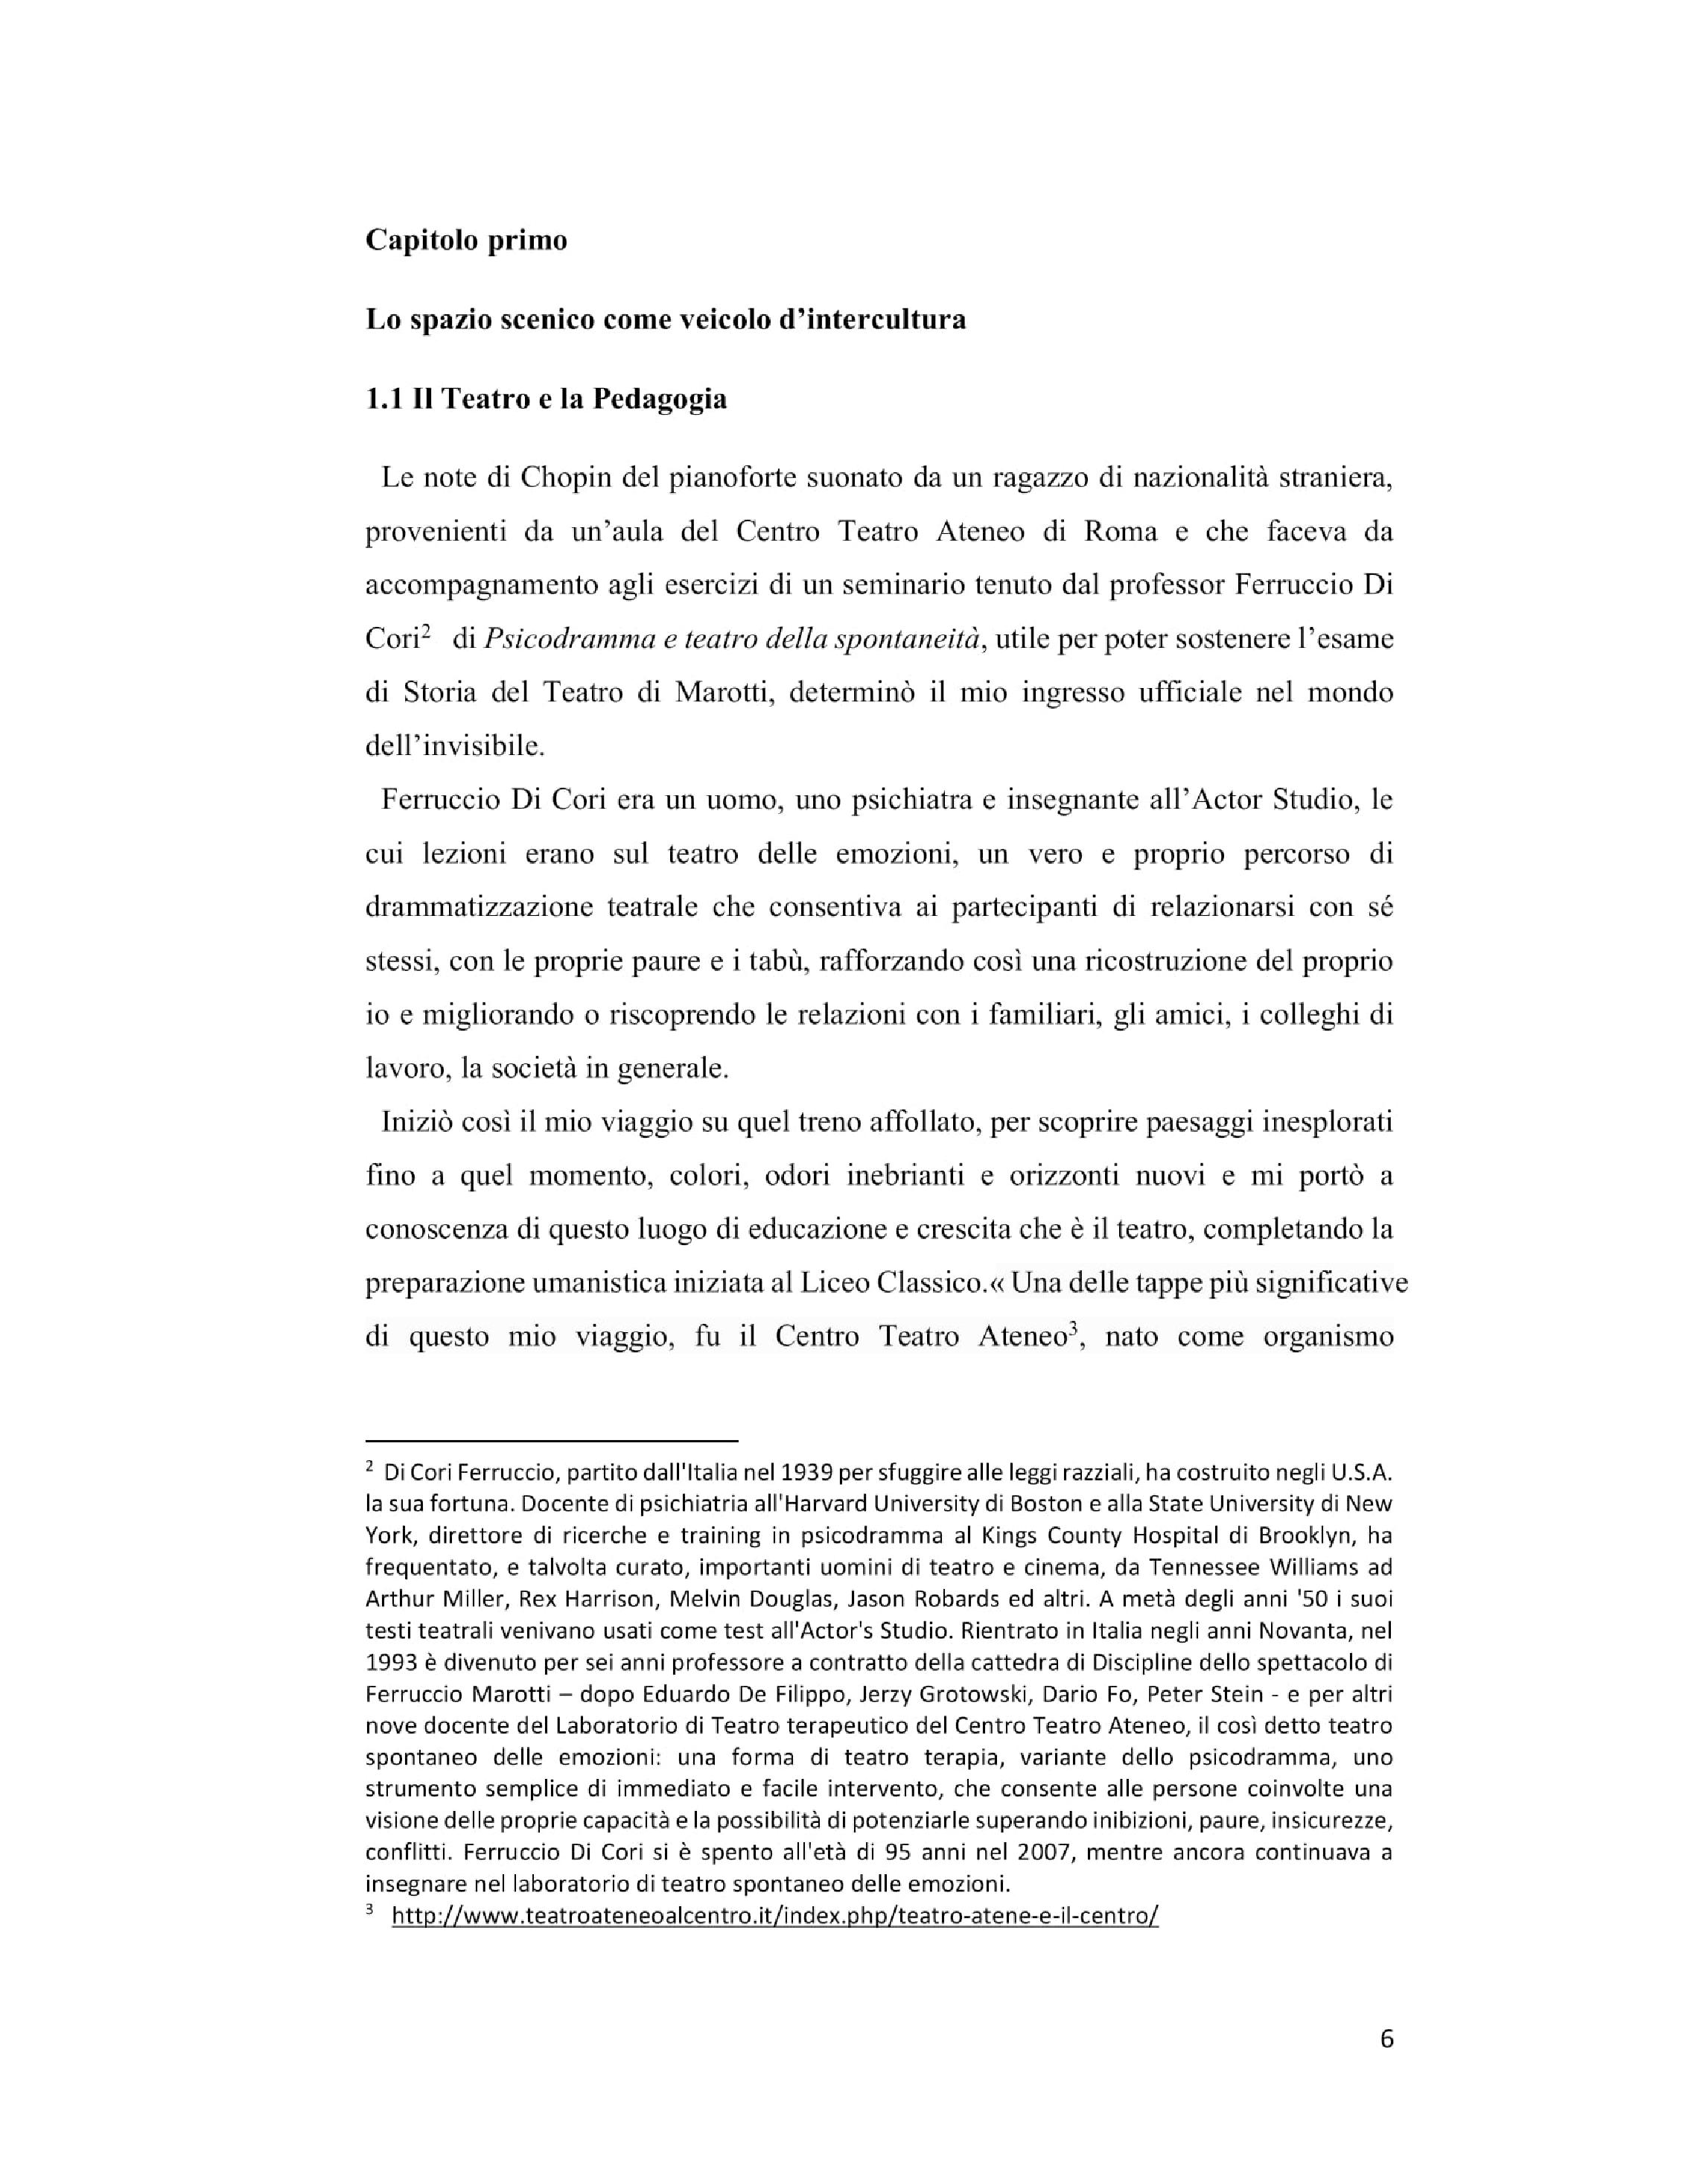 Anteprima della tesi: Il teatro come veicolo d'intercultura, Pagina 4